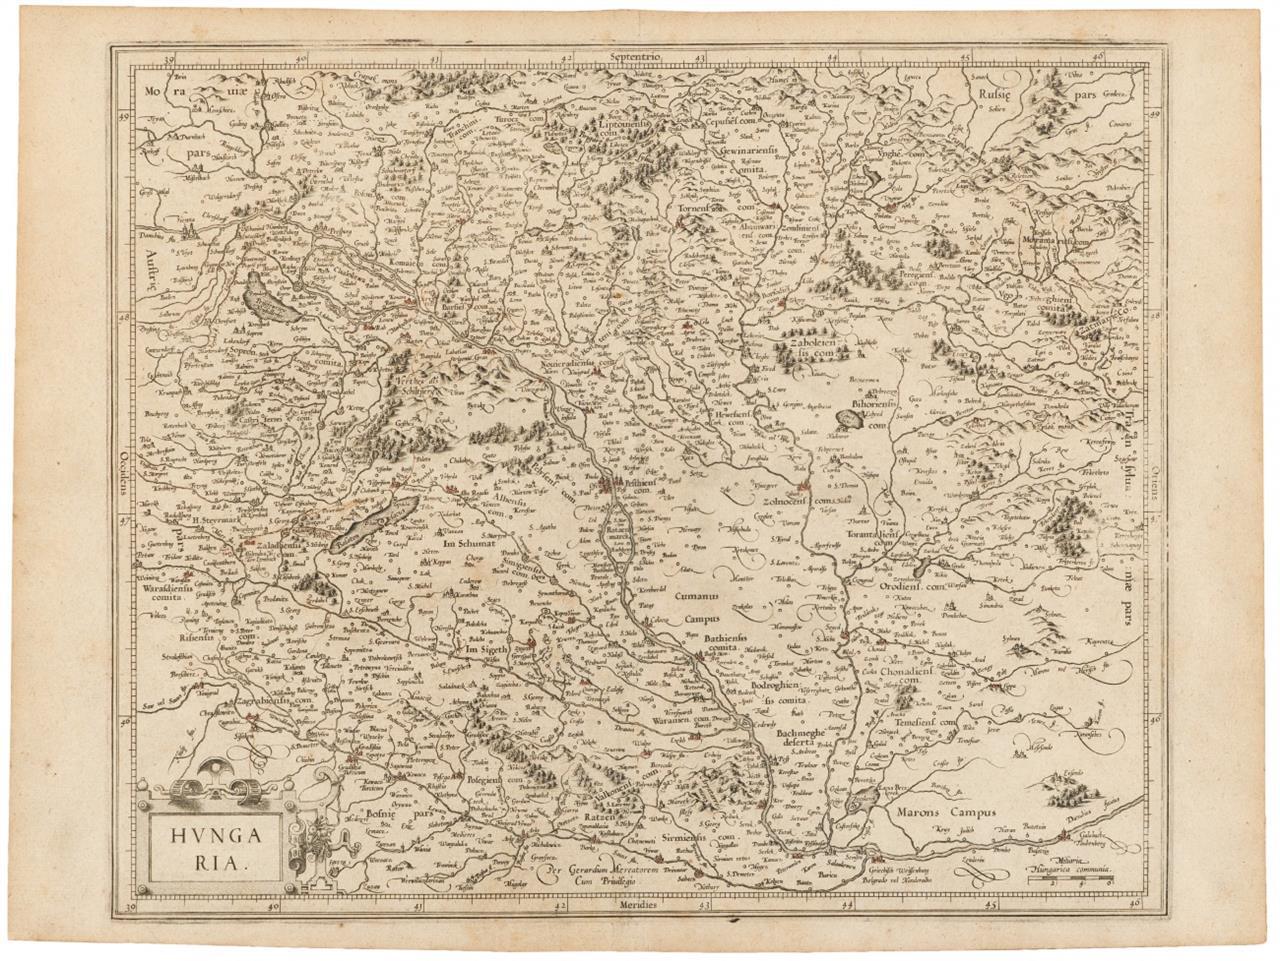 Ungarn. Kupferstichkarte von G. Mercator. um 1630.